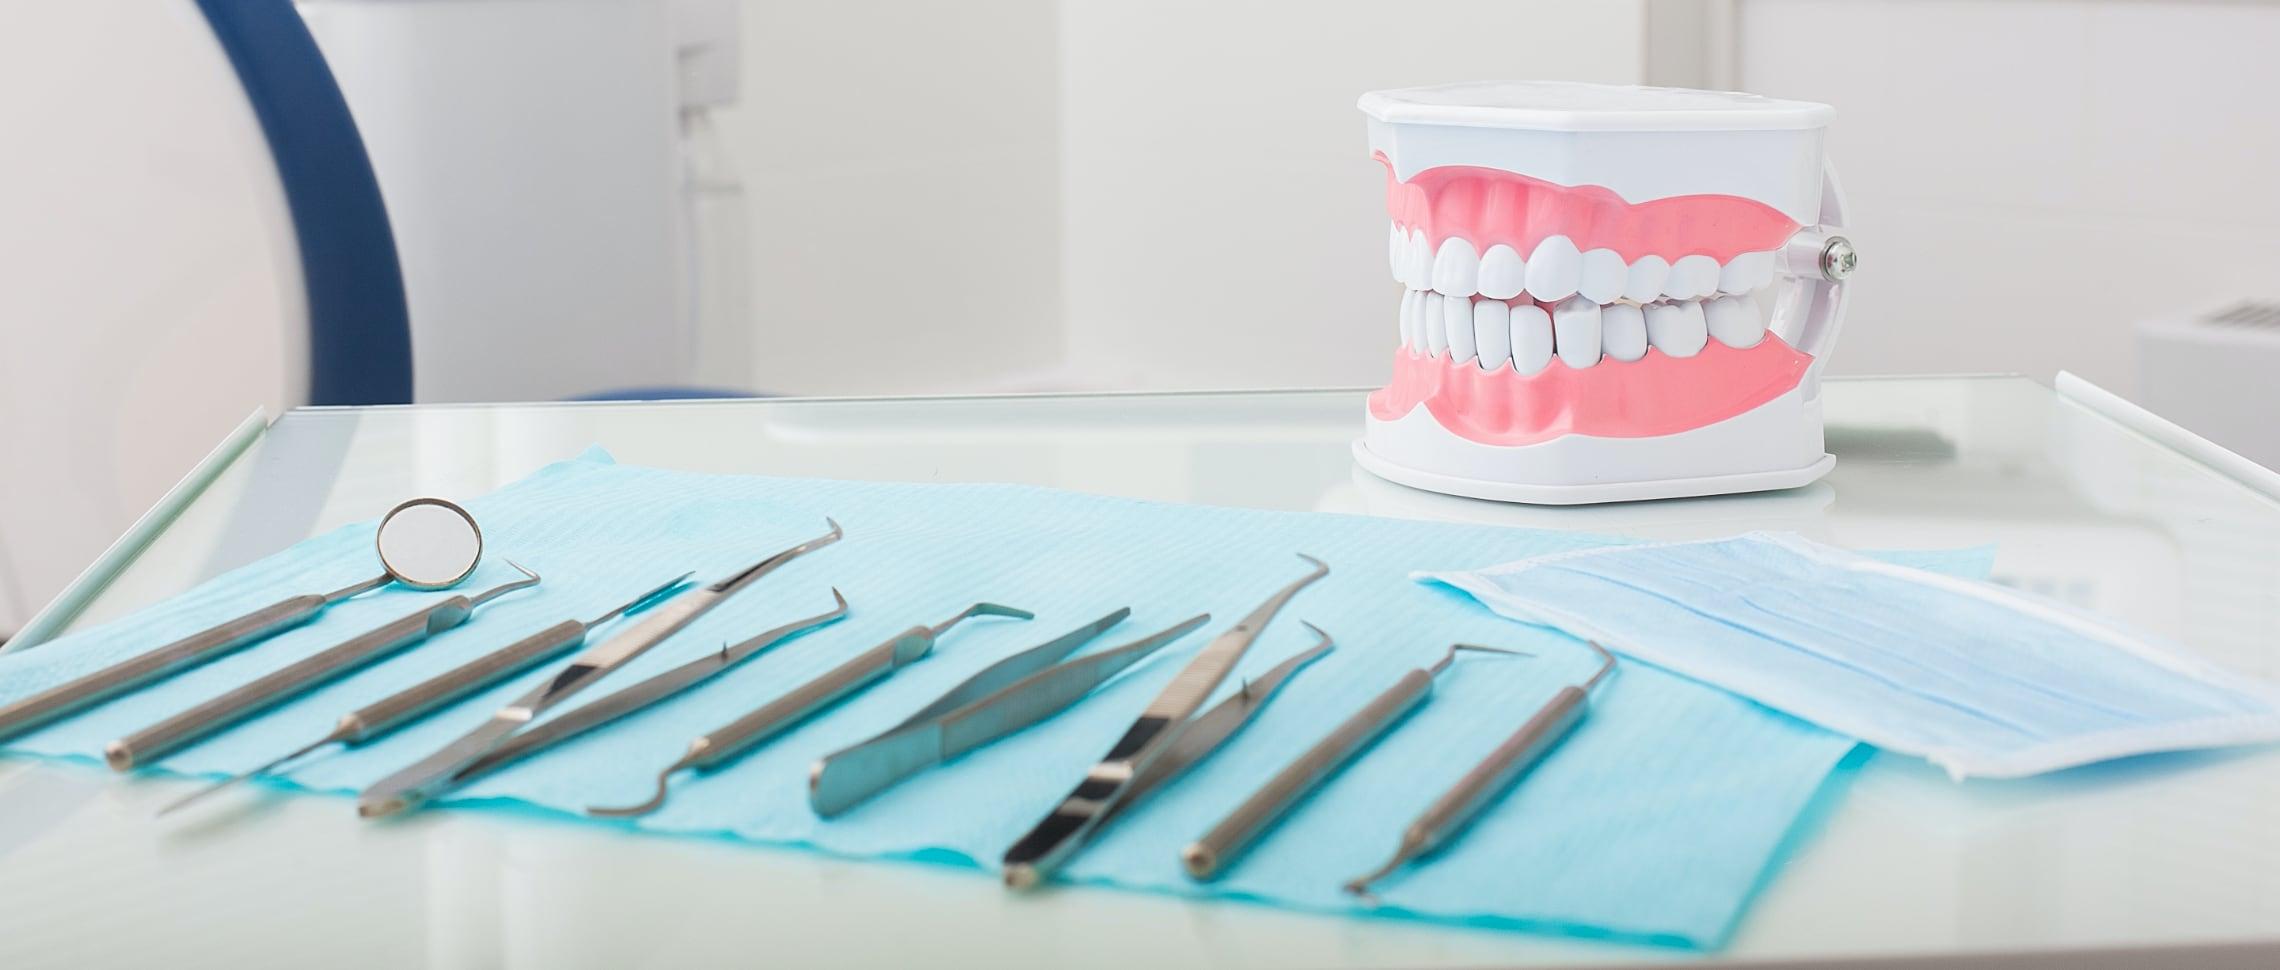 tandläkare-tandrensning-redskap-för-borttagning-tandsten